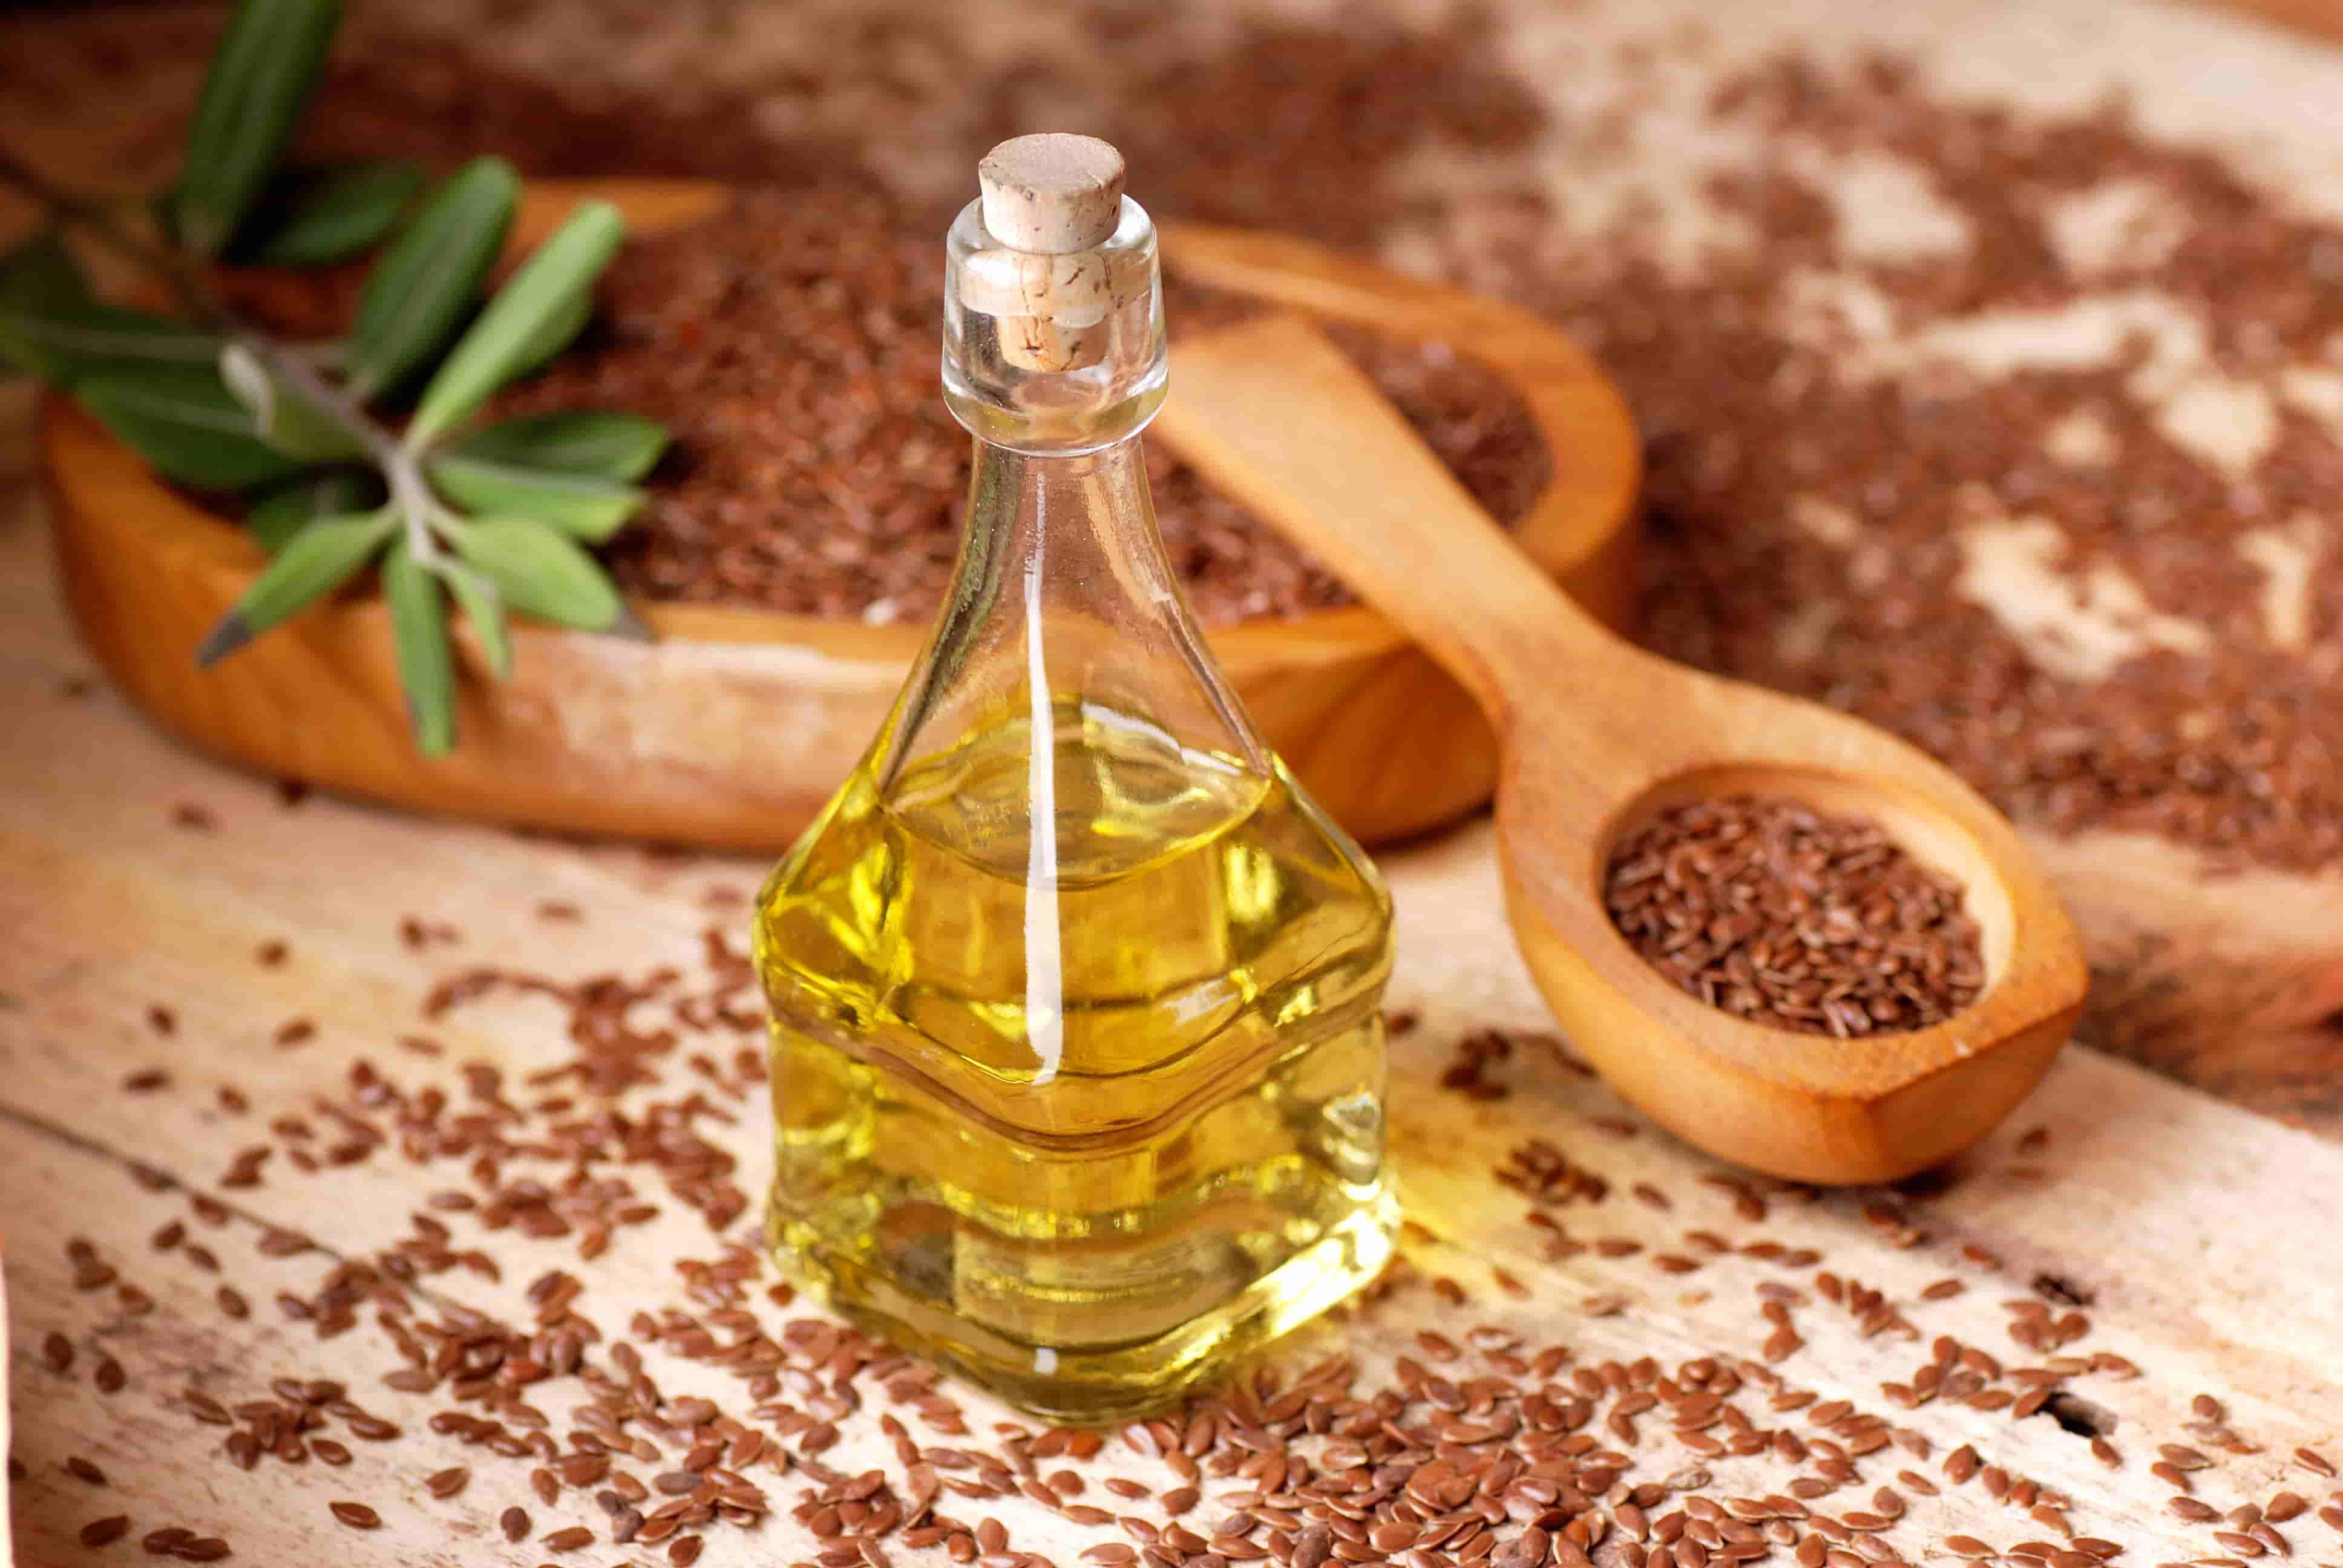 Leinöl Funktioniert Besser Als Teure Hautcremes